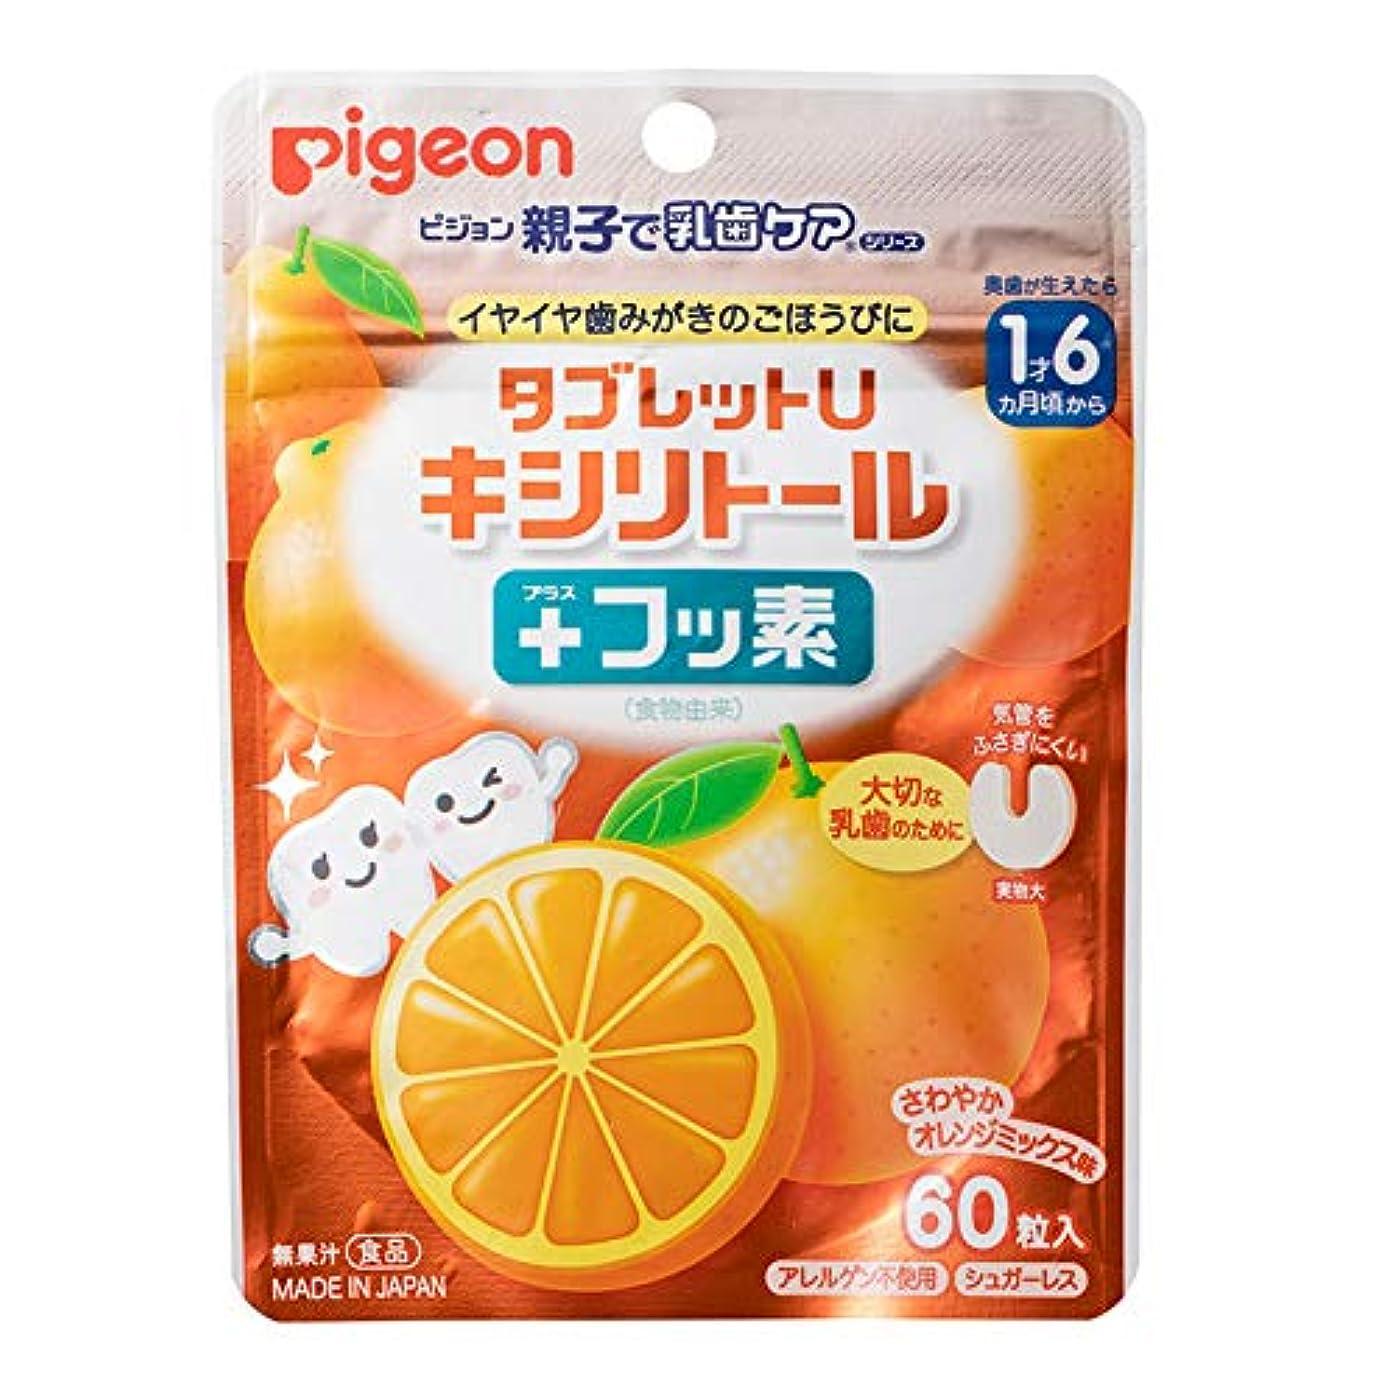 最小化するバット灌漑ピジョン(Pigeon) タブレットUキシリトール+フッ素 オレンジミックス味60粒入 アレルゲン不使用 シュガーレス 【1歳6ヵ月頃から】